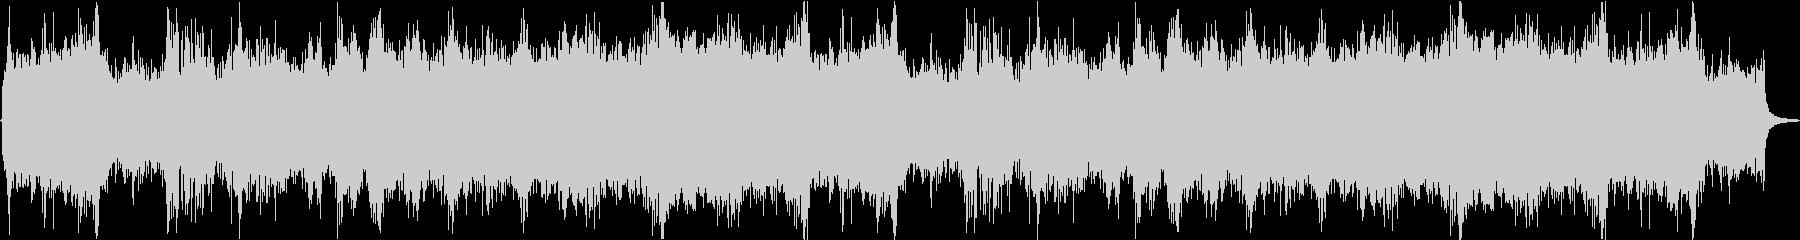 ファンタジー系(オーケストラ)戦闘曲の未再生の波形